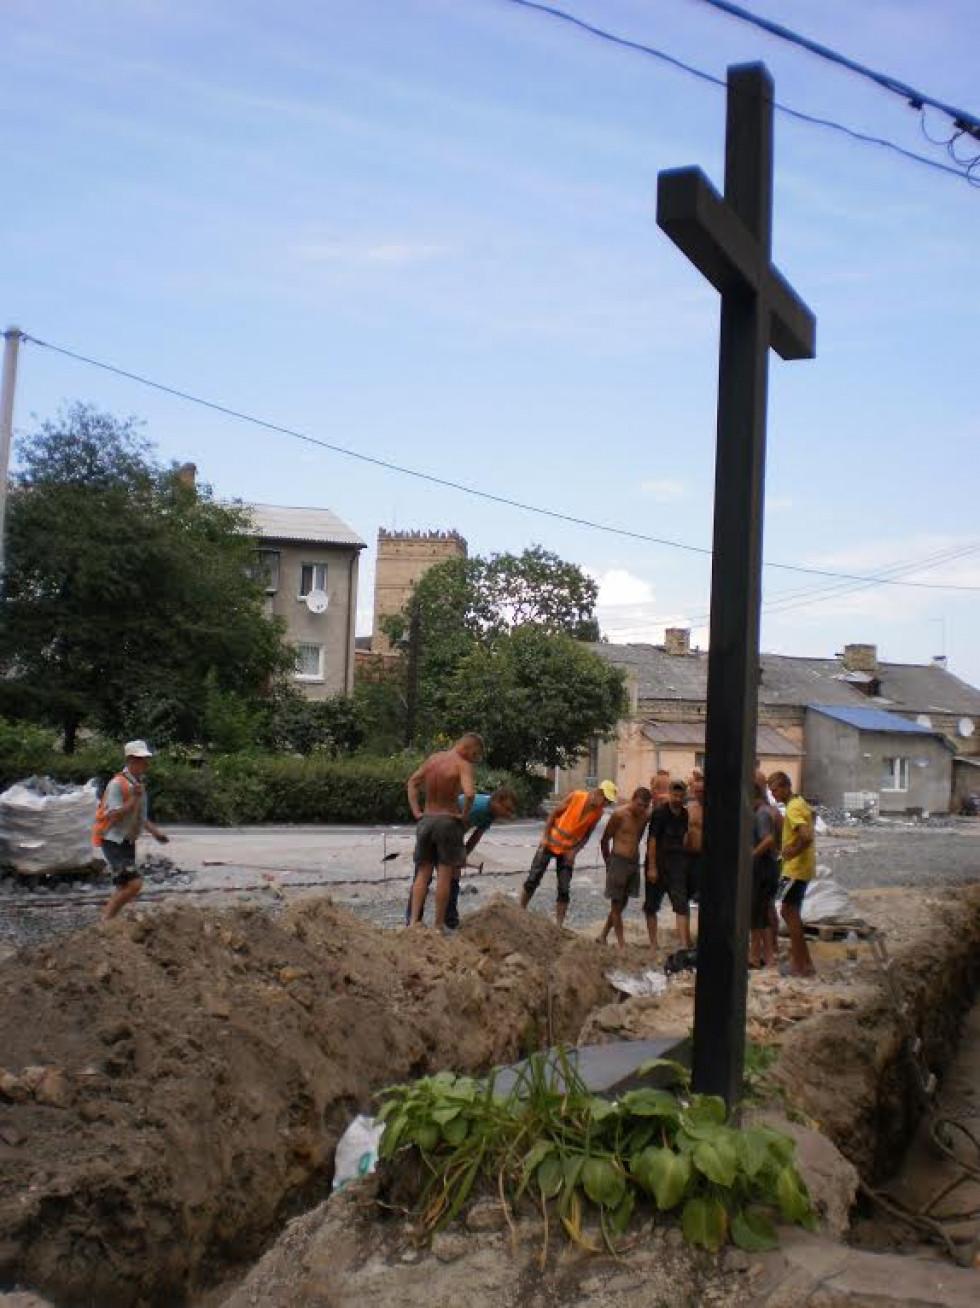 Фото 2016 року, вул. Кафедральній, 16. Перша розвідкова траншея, локалізація братської могили розстріляних в'язнів  –  «… під самою тюрмою»